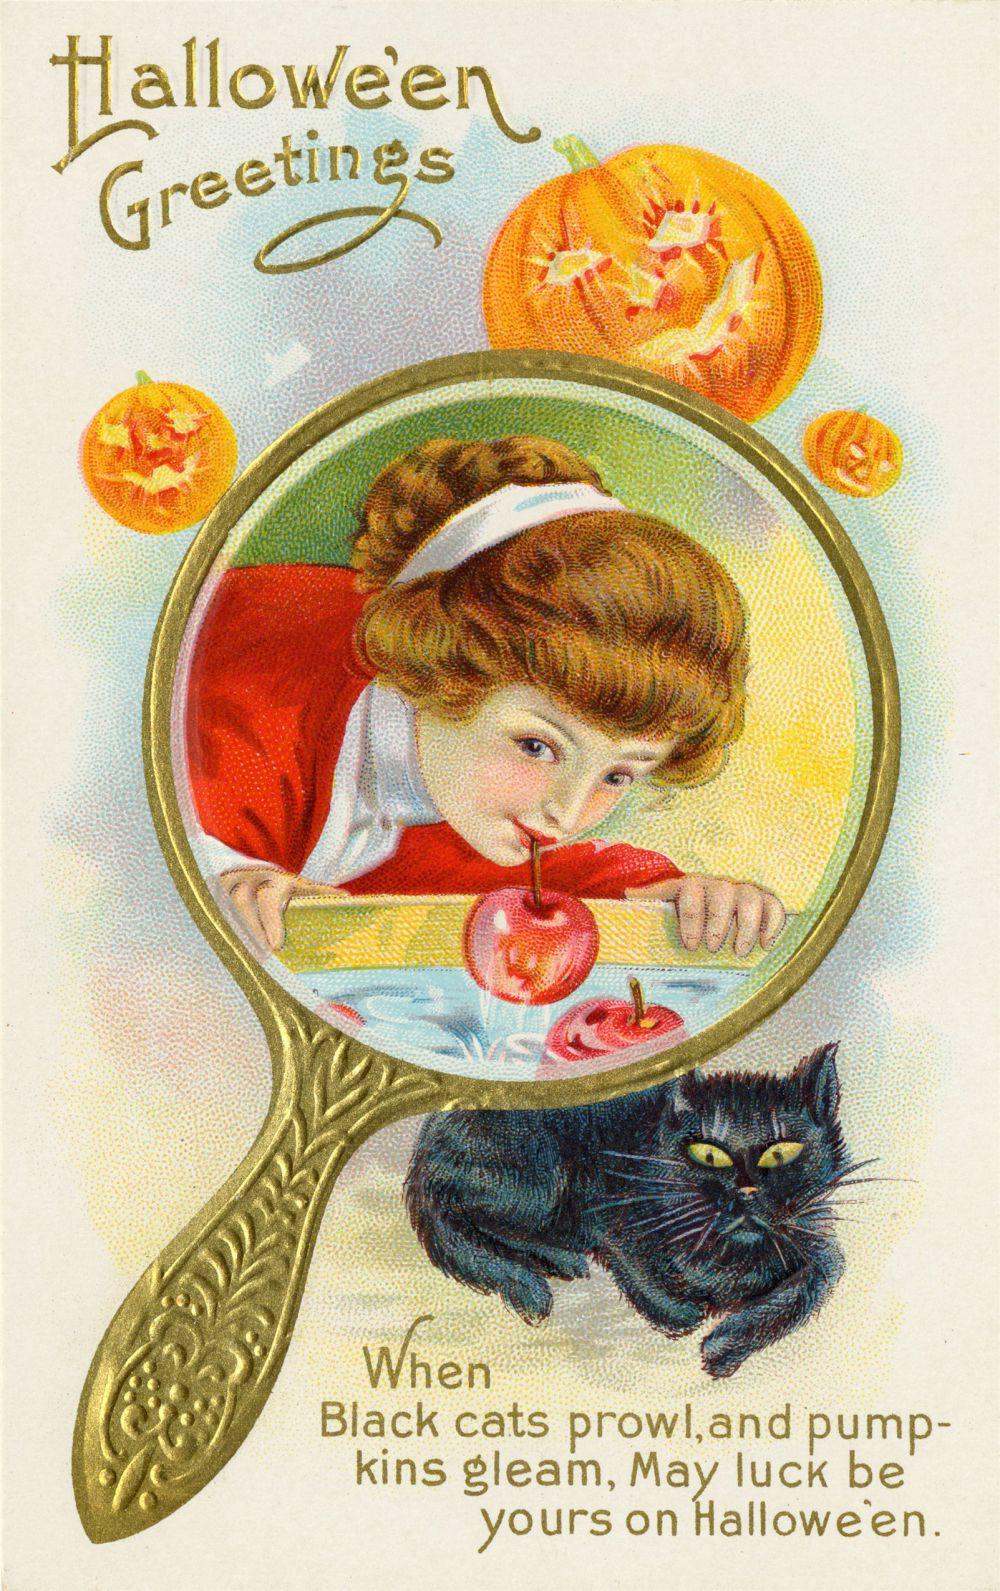 Магия Хэллоуина – играться яблоками на воде